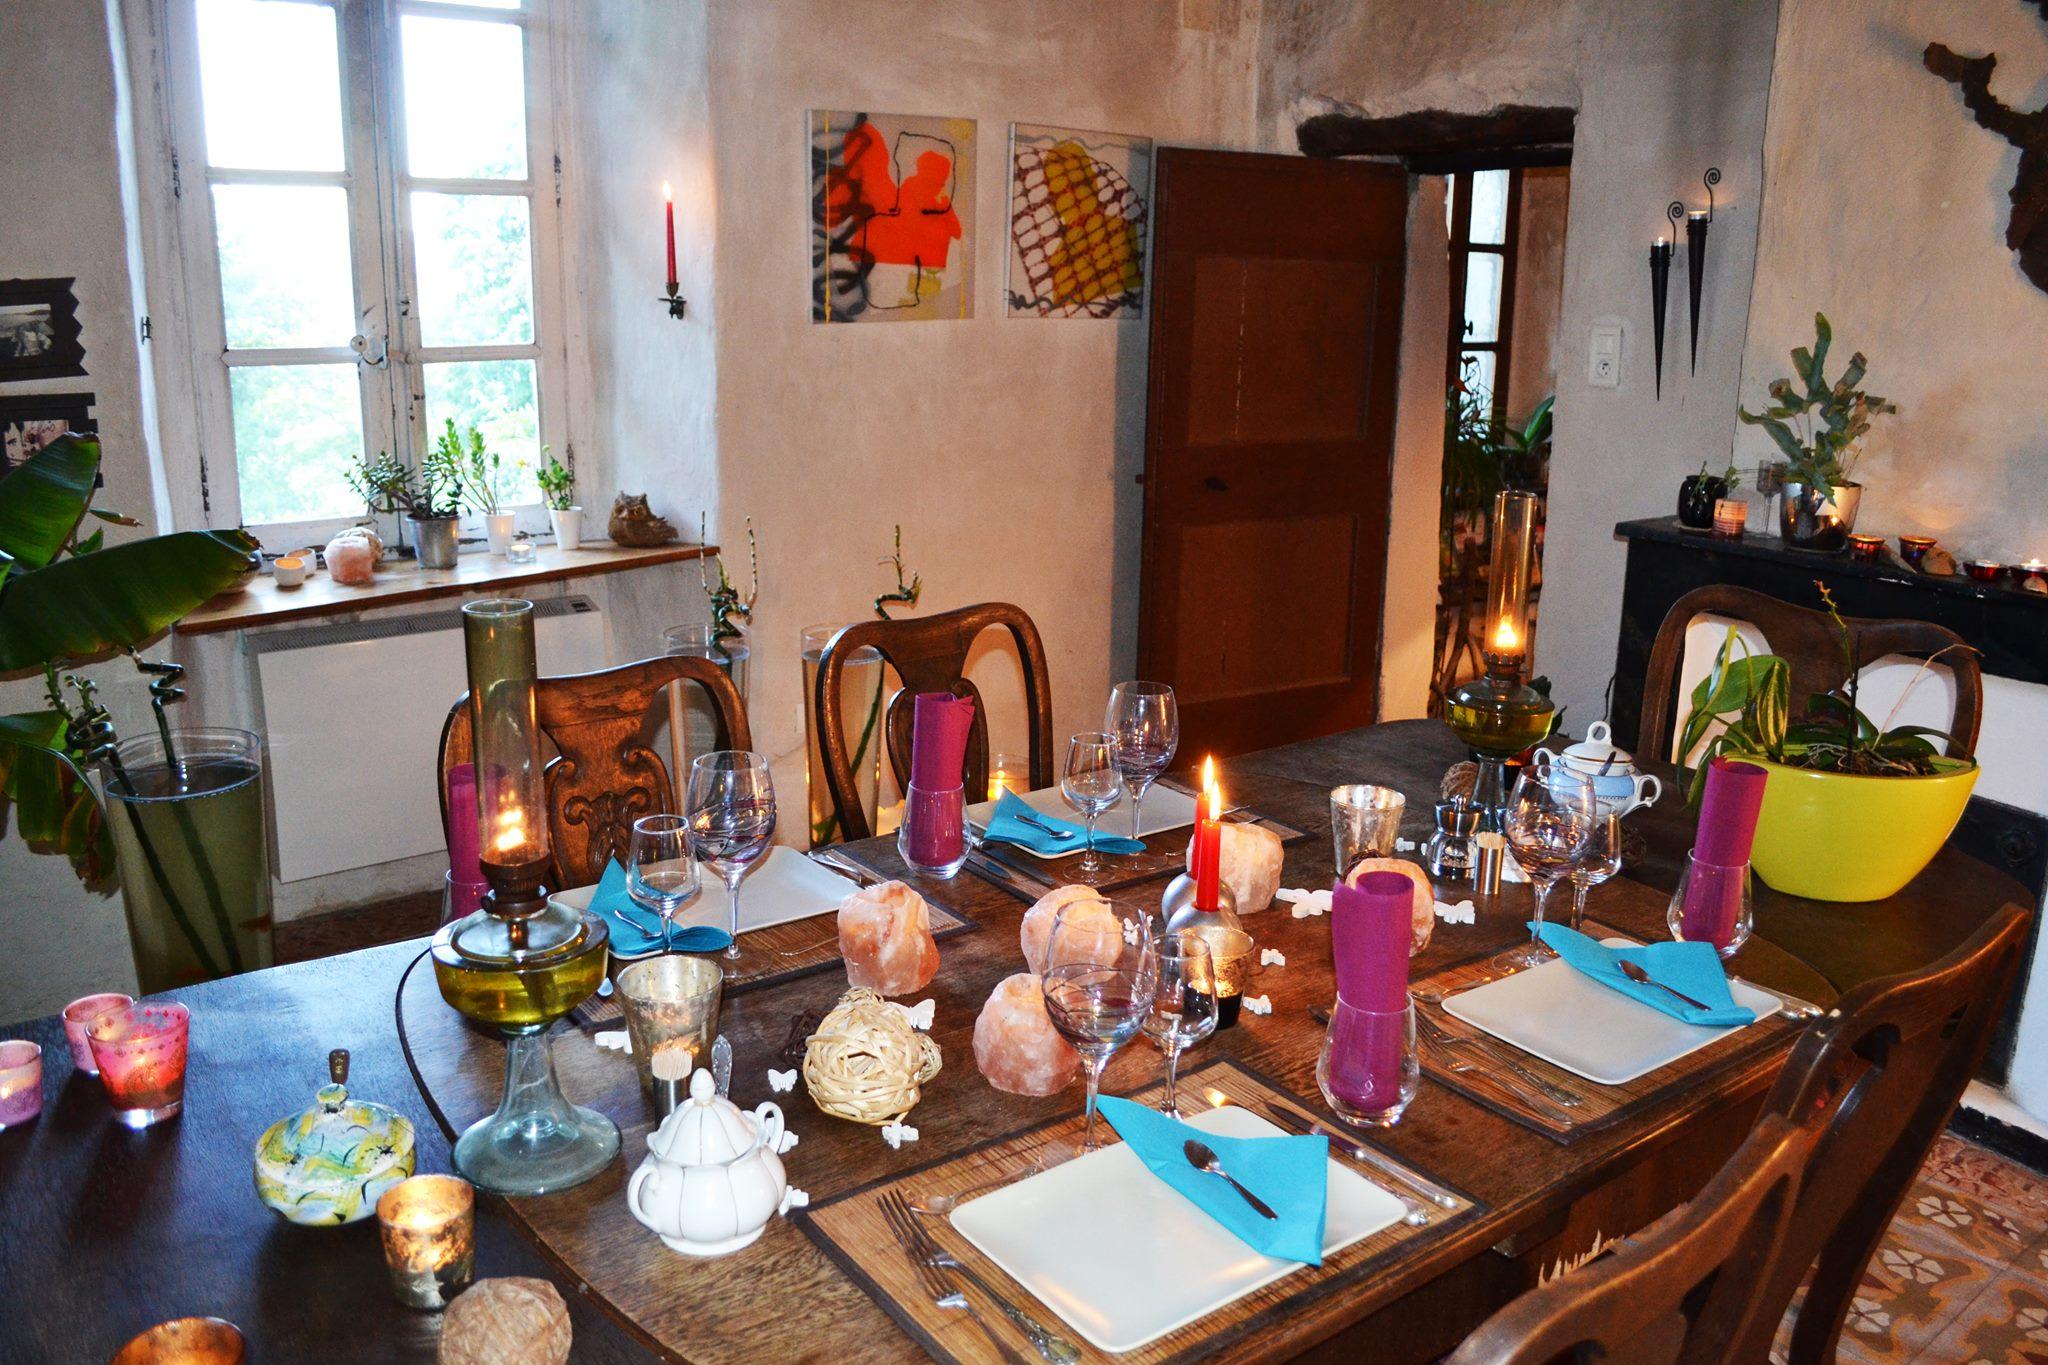 Chambres d'hôtes Aretz durfort et saint martin de sossenac 30170 N° 2